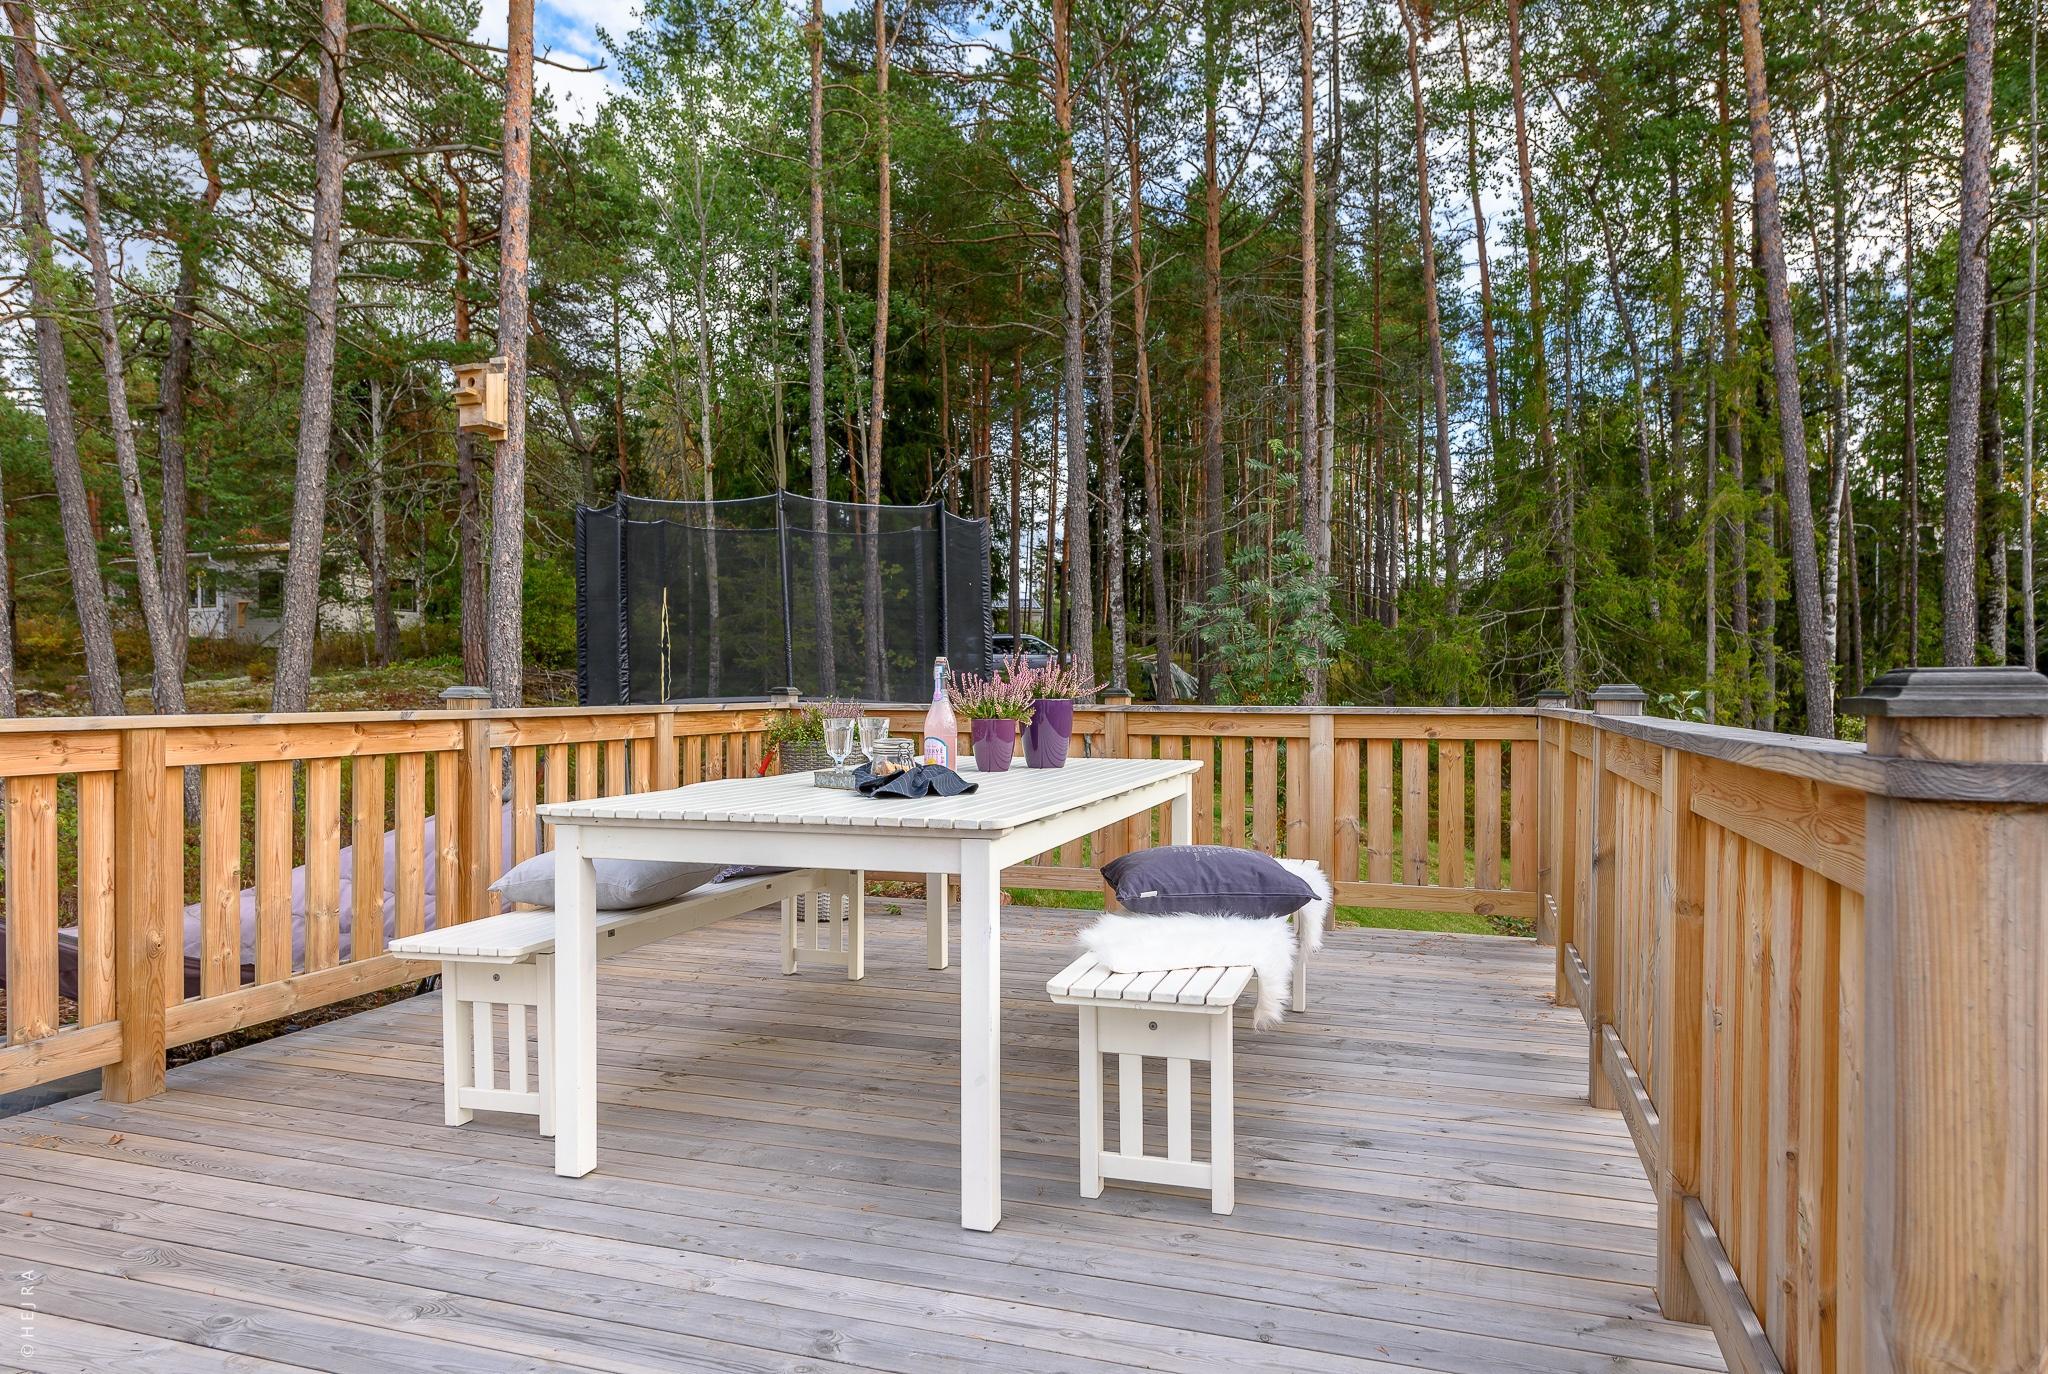 терраса деревянное ограждение садовая мебель настил